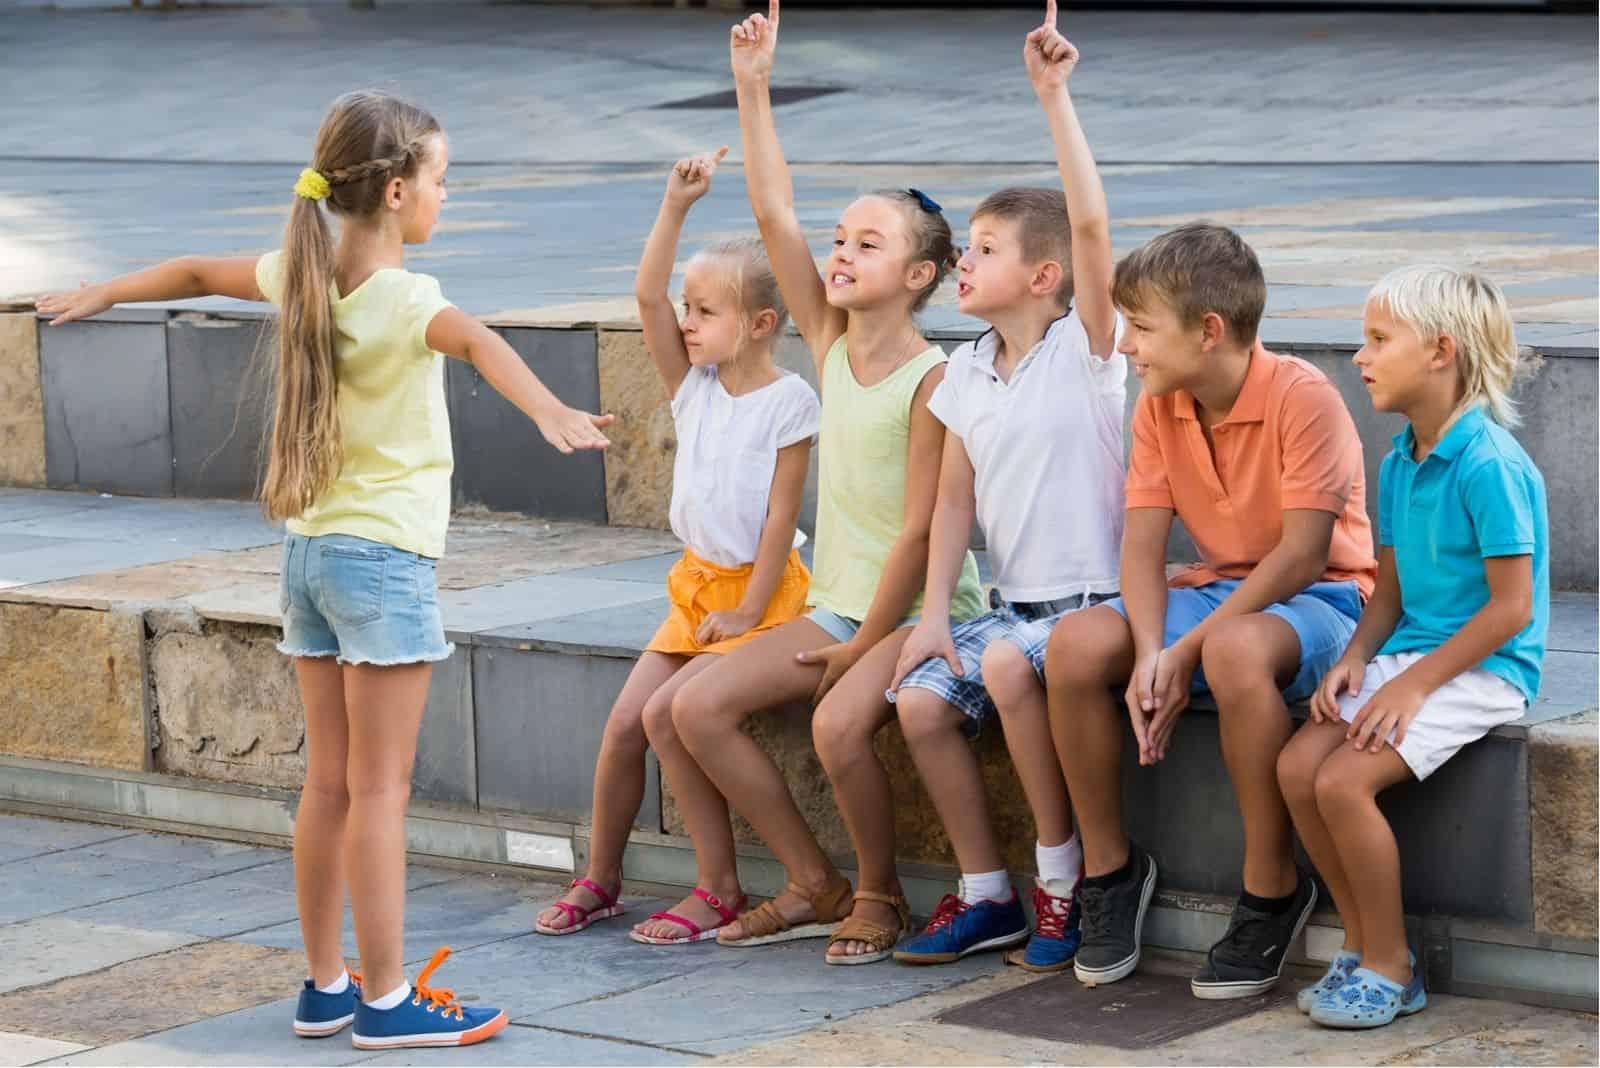 Kinder im Schulalter Spielen im Freien mit einem Lautsprecher vor fünf Kindern